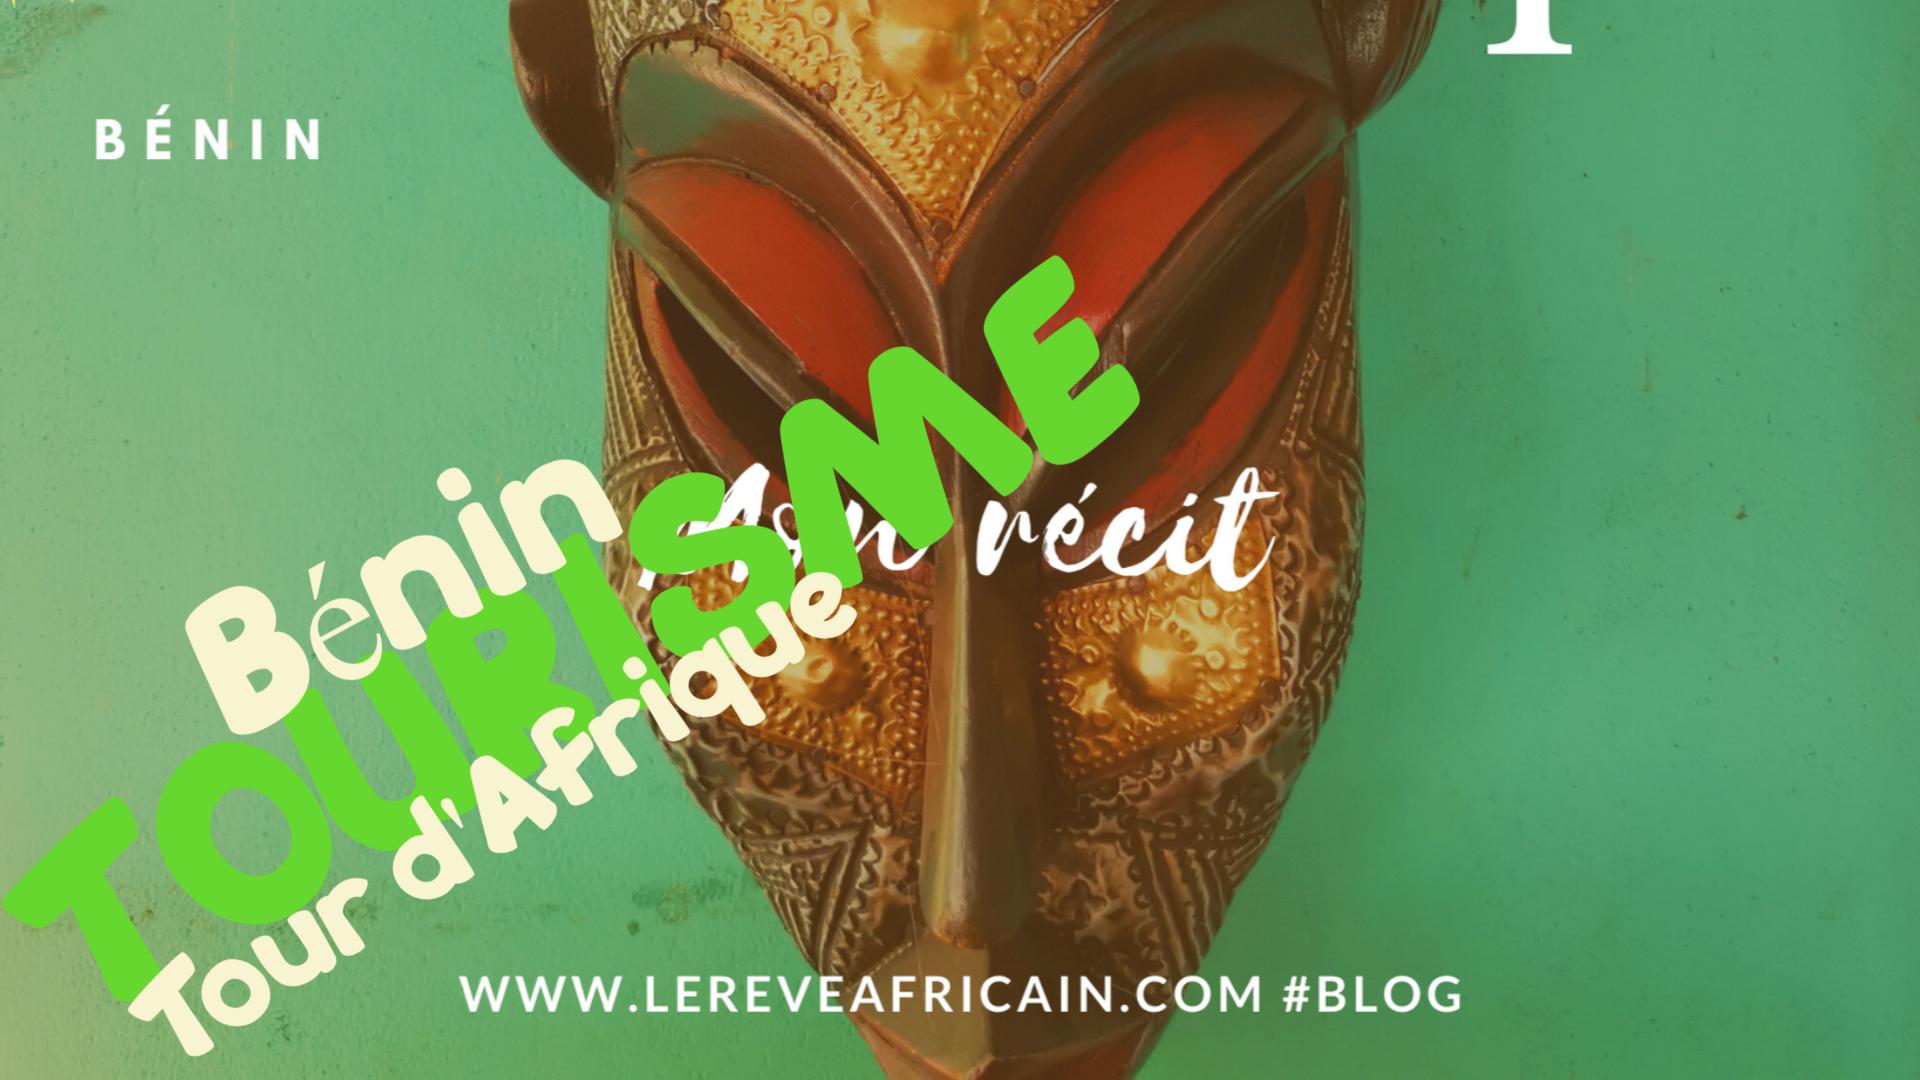 Little Chilli Pepper in Benin